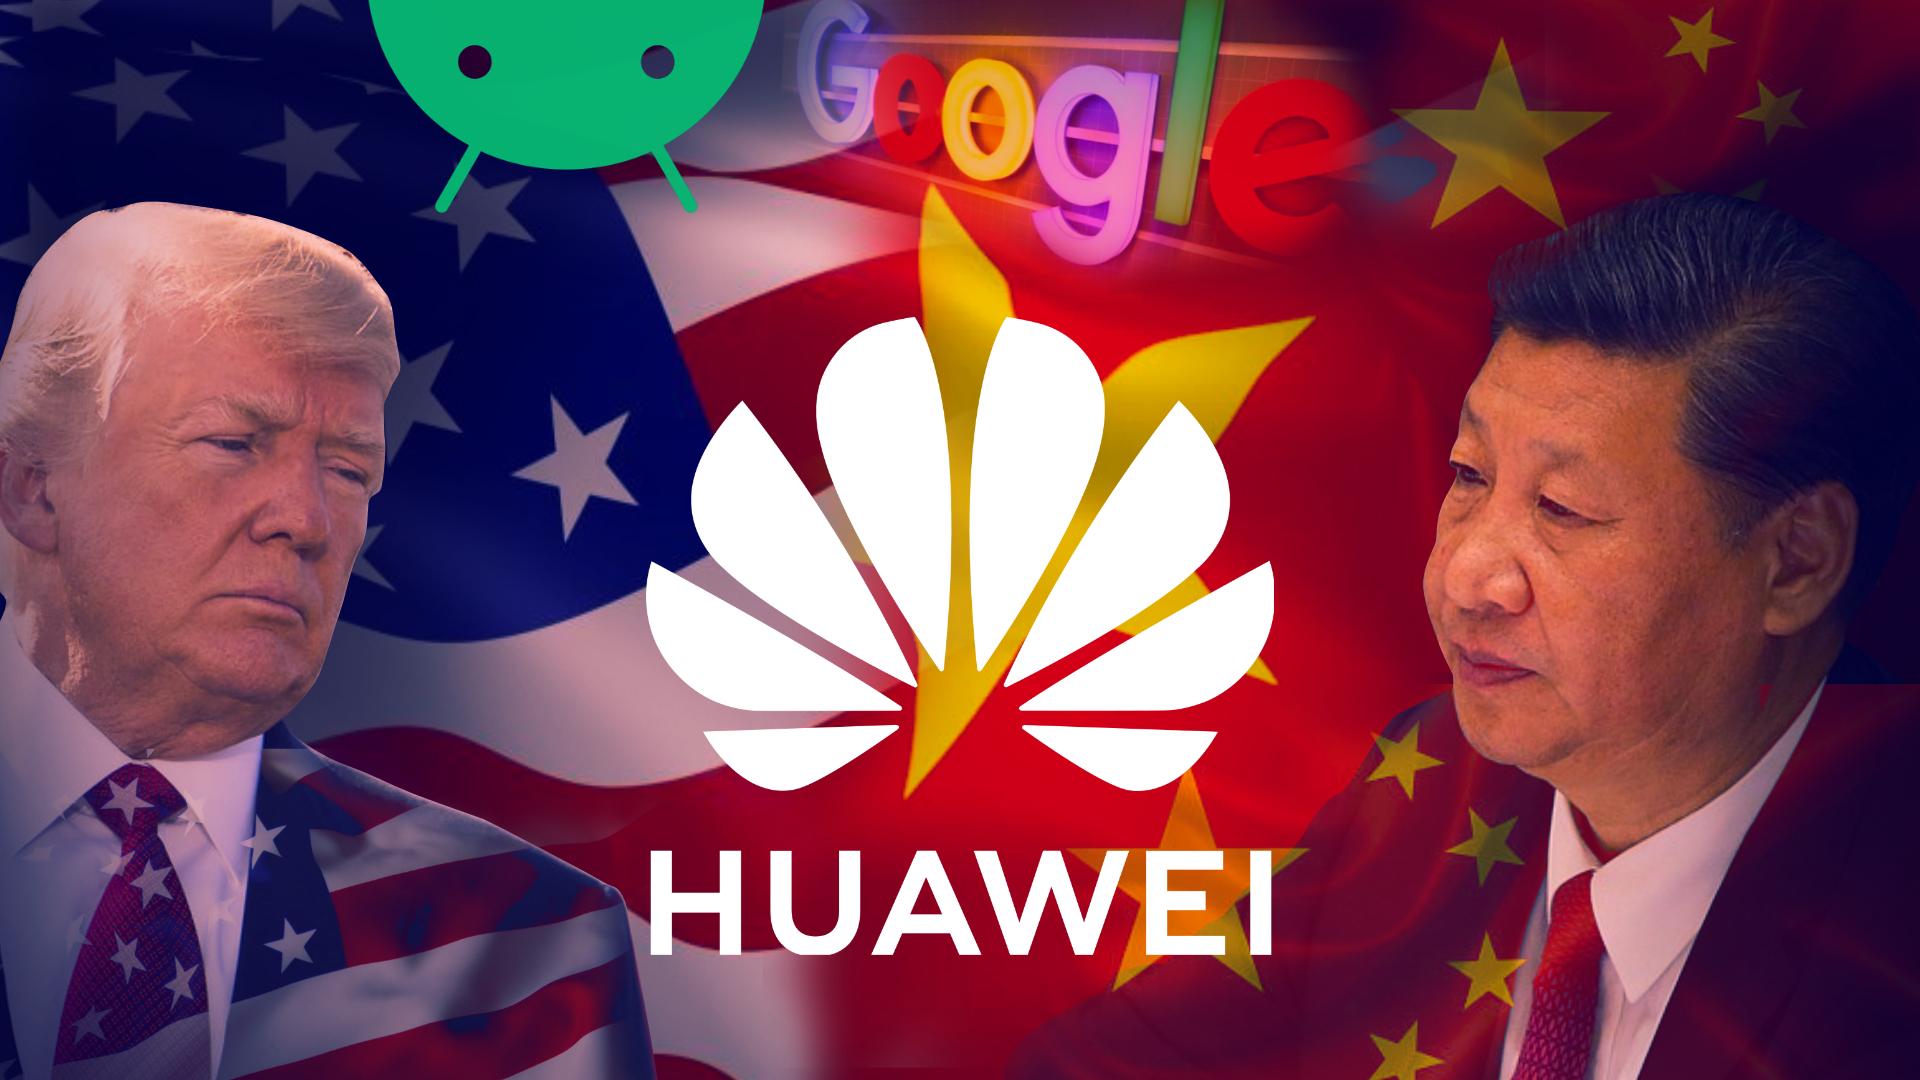 La gestion de crise par Huawei : un cas fascinant et complexe